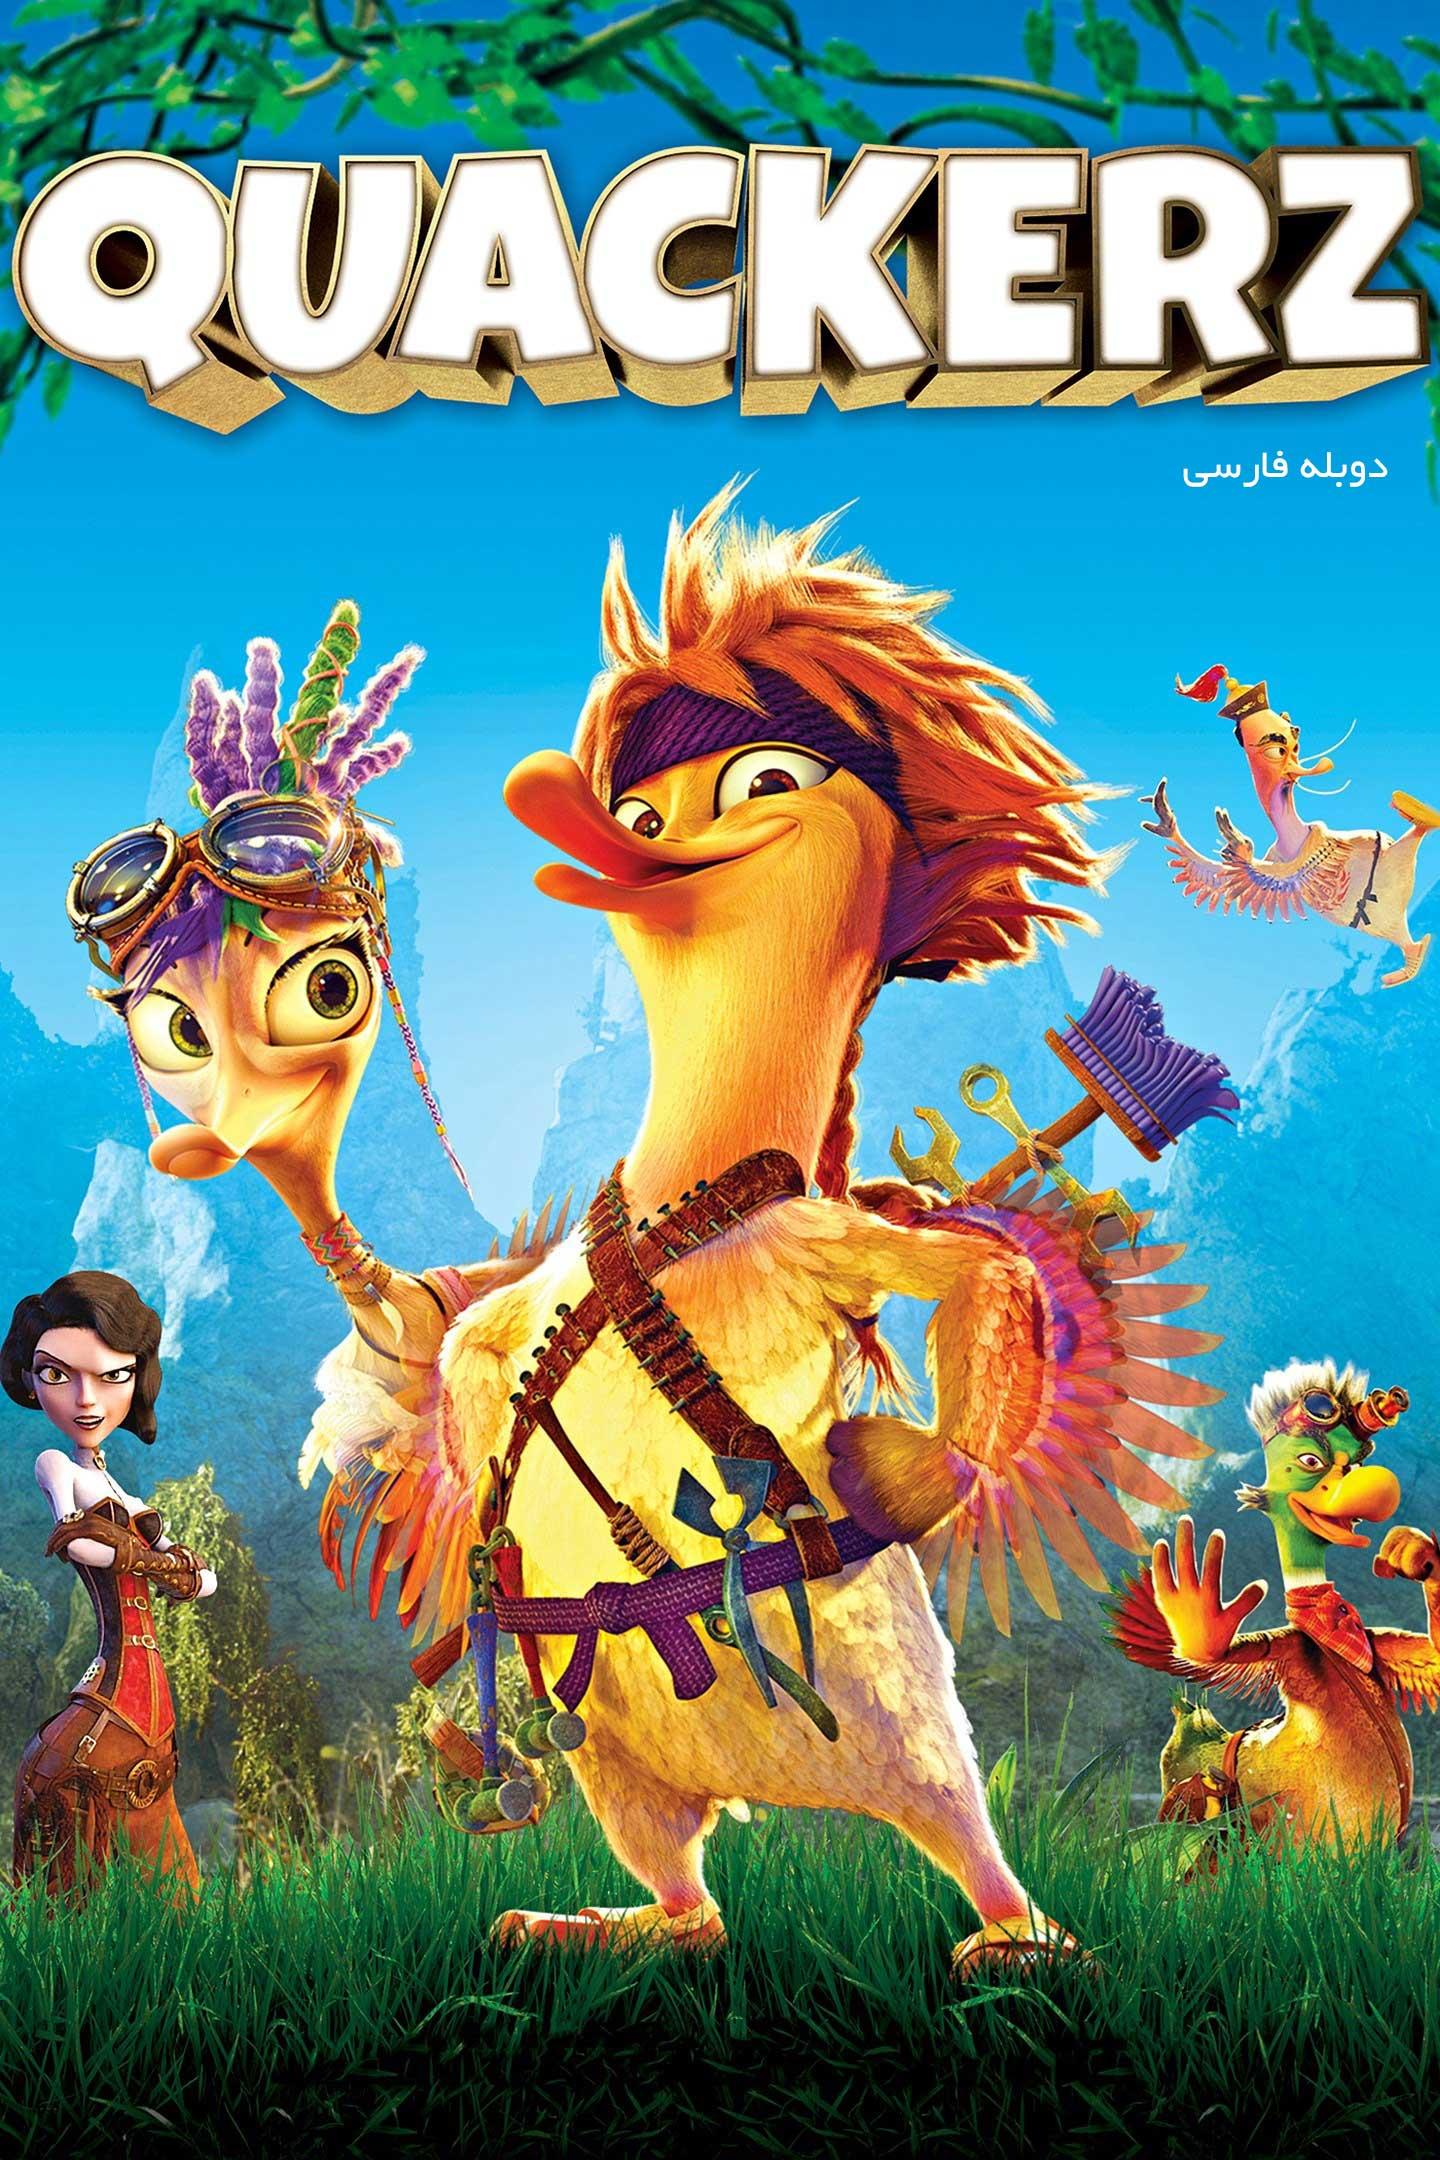 دانلود انیمیشن اردکهای مبارز Quackerz - دانلود انیمیشن اردکهای مبارز Quackerz دوبله